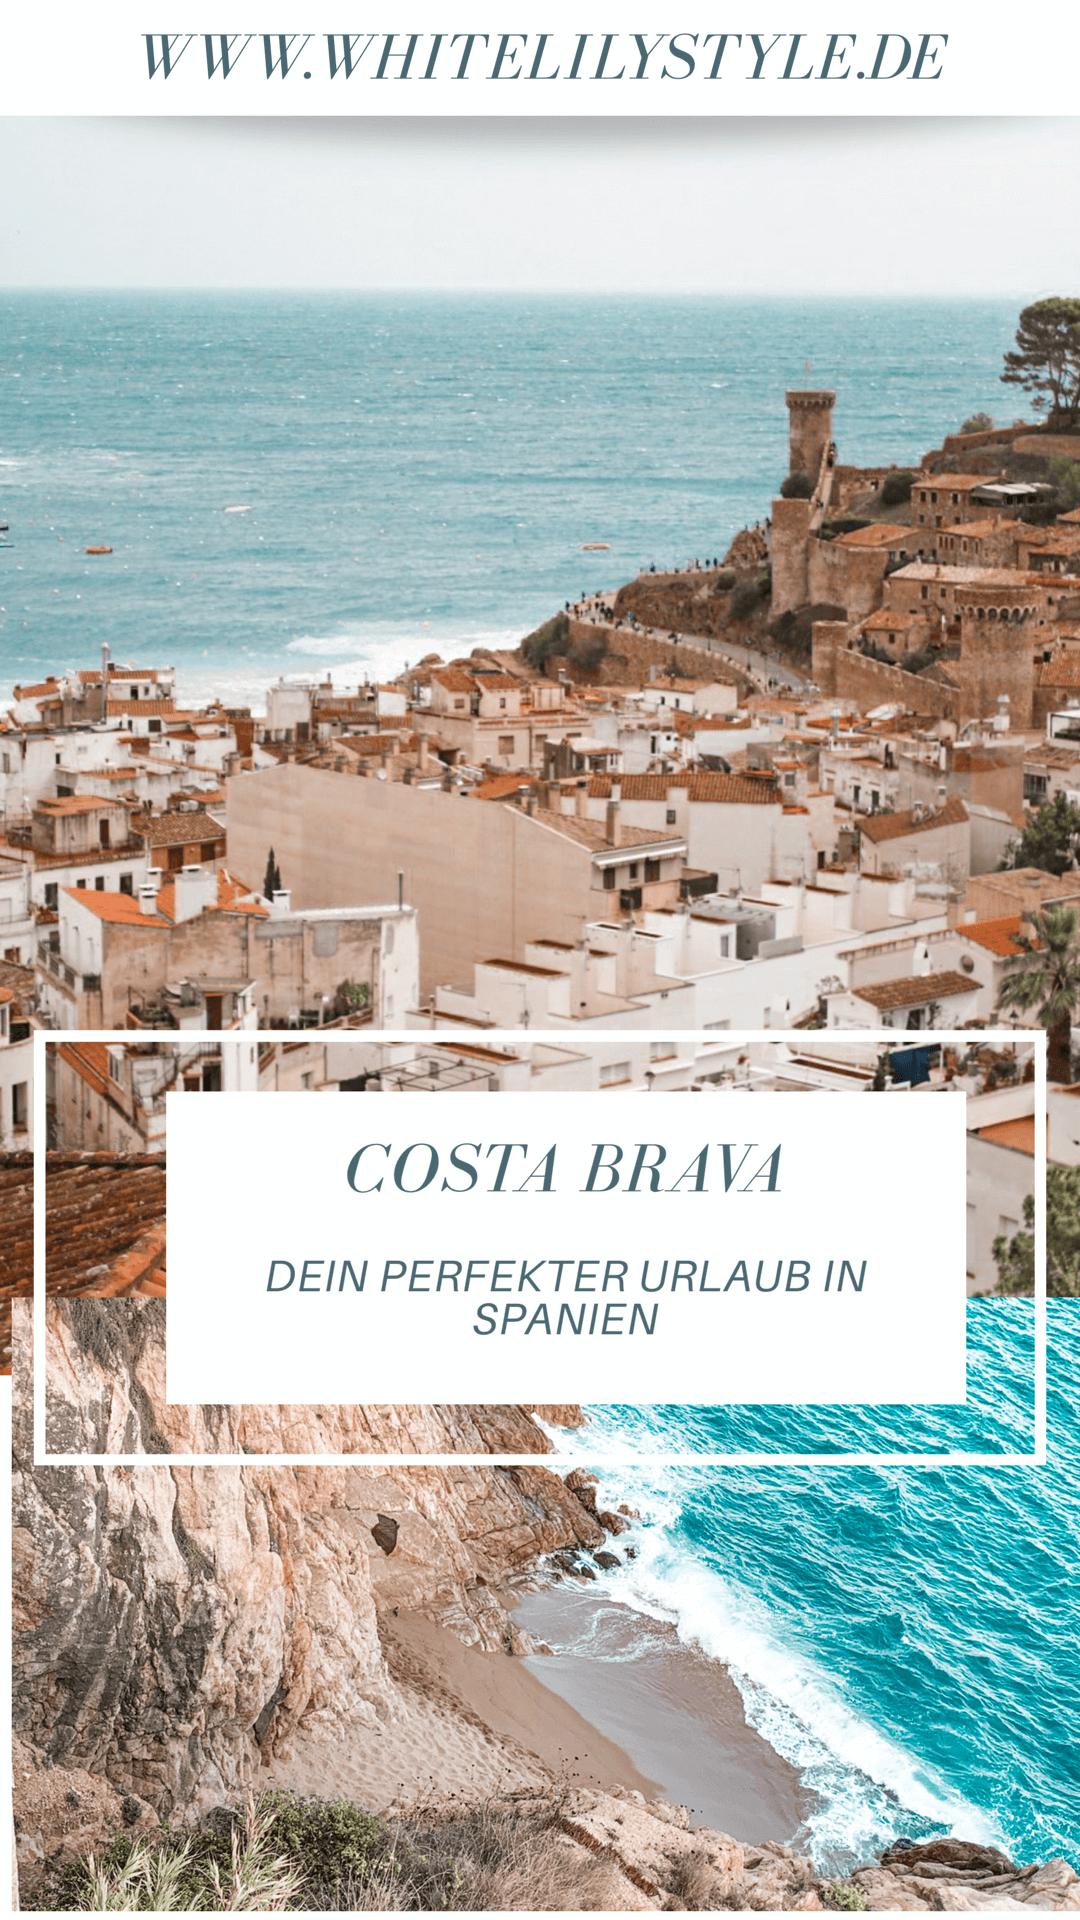 Costa Brava - dein perfekter Urlaub in Spanien